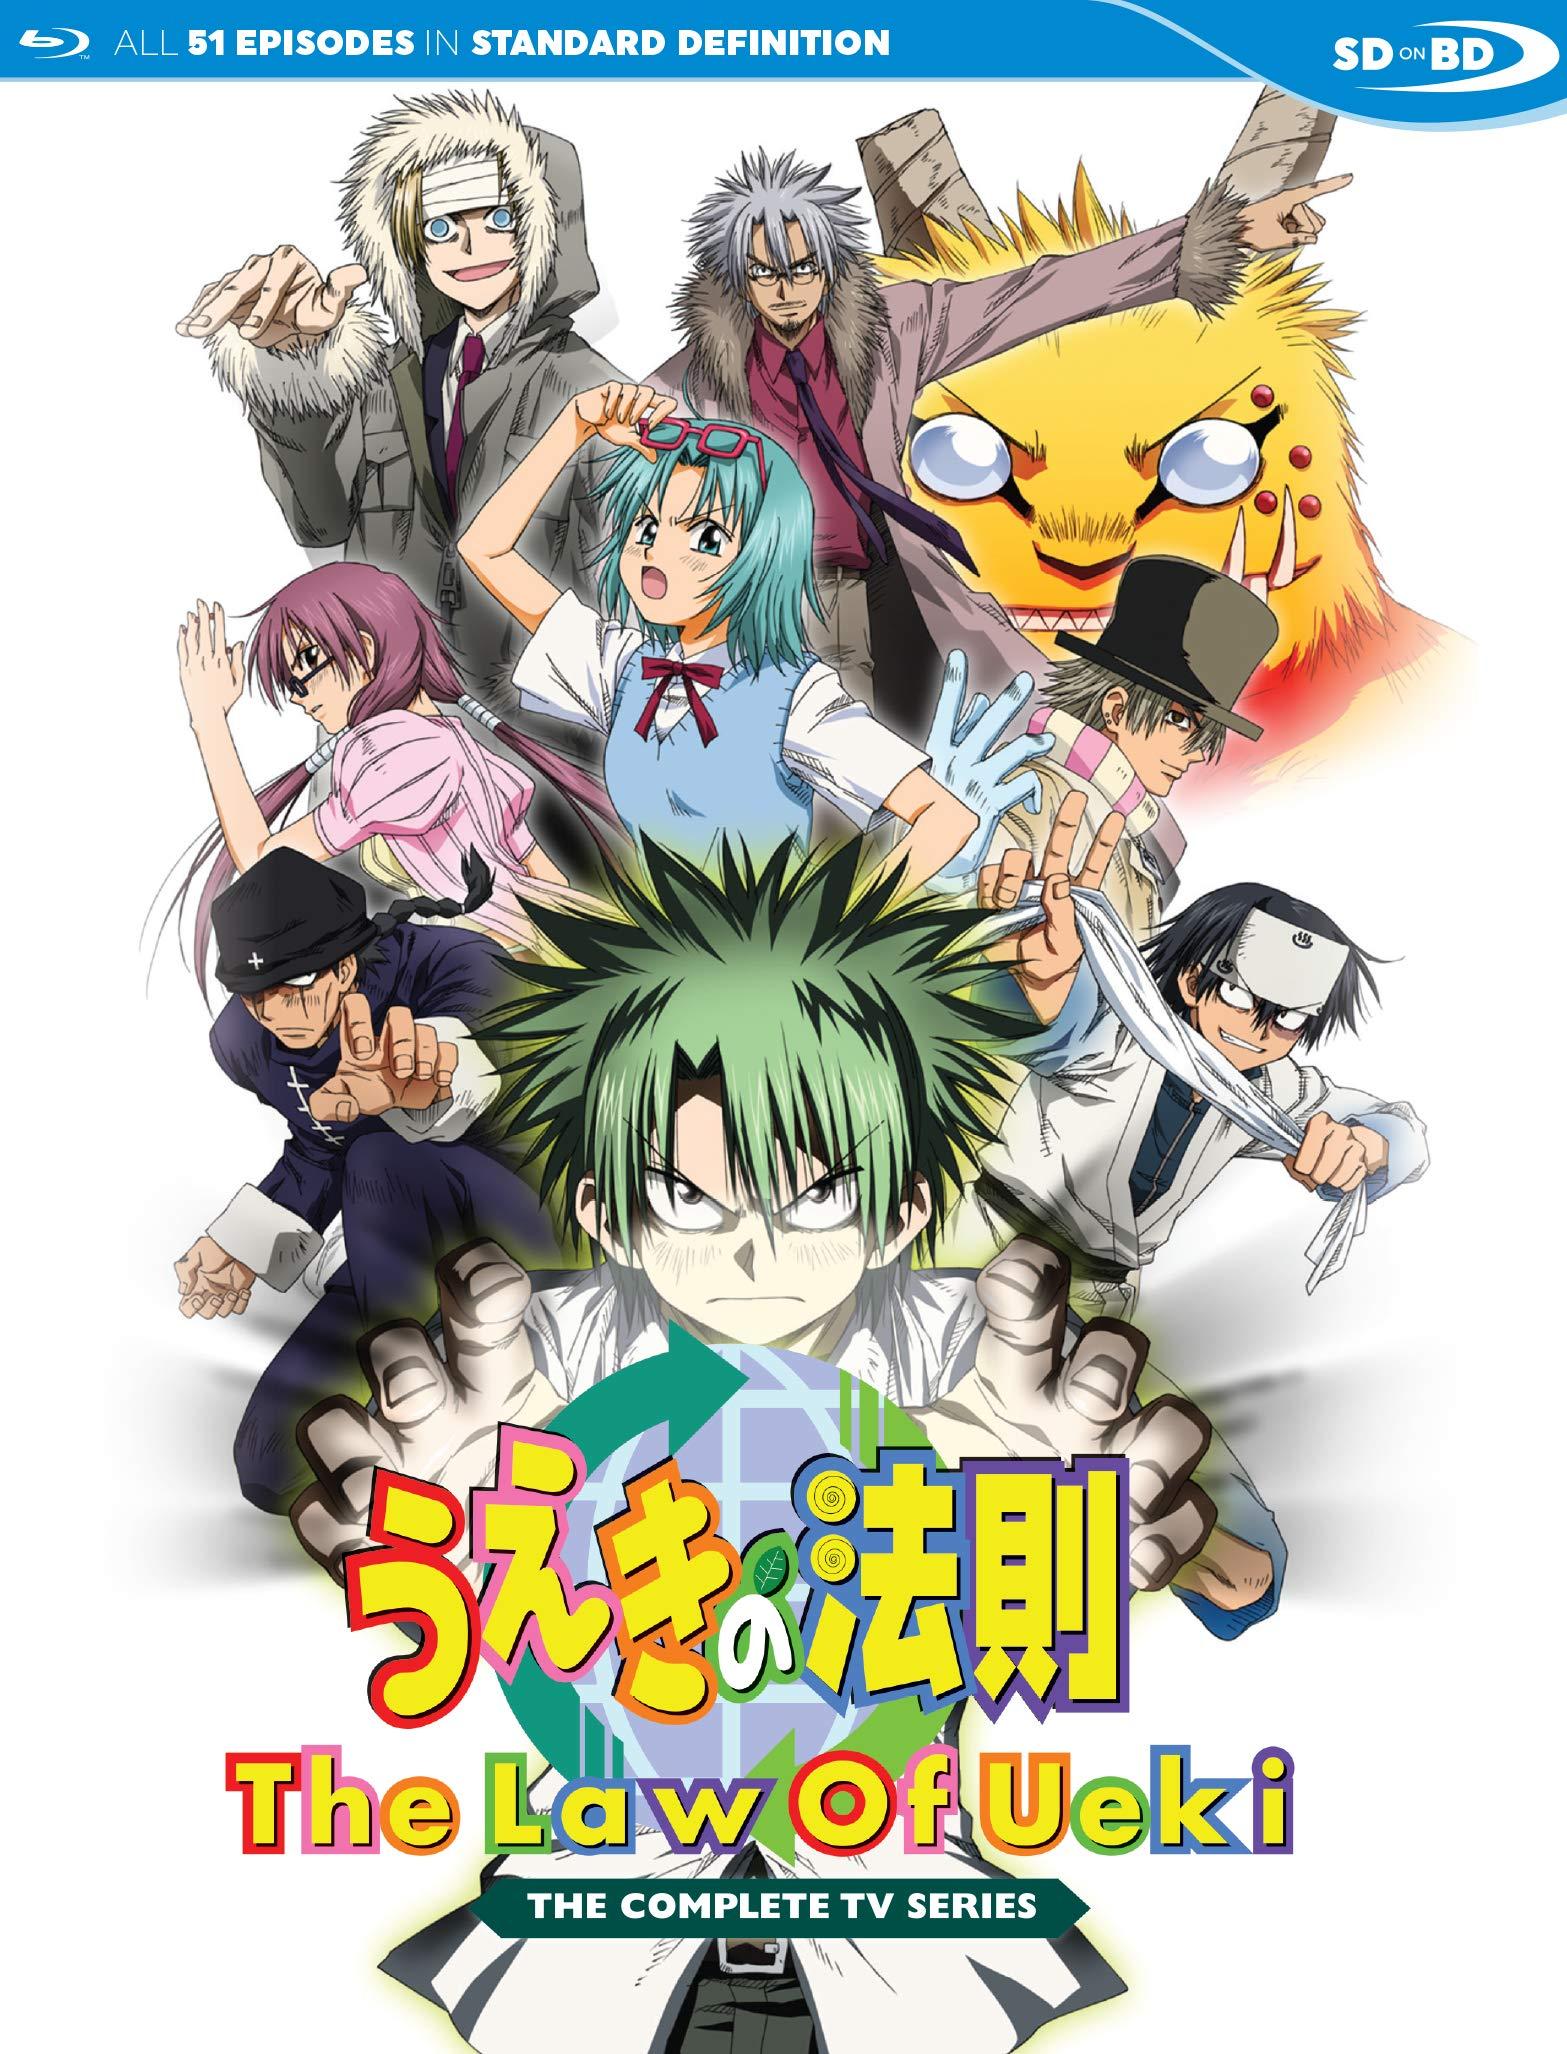 The Law of Ueki Complete TV Series [Blu-ray]